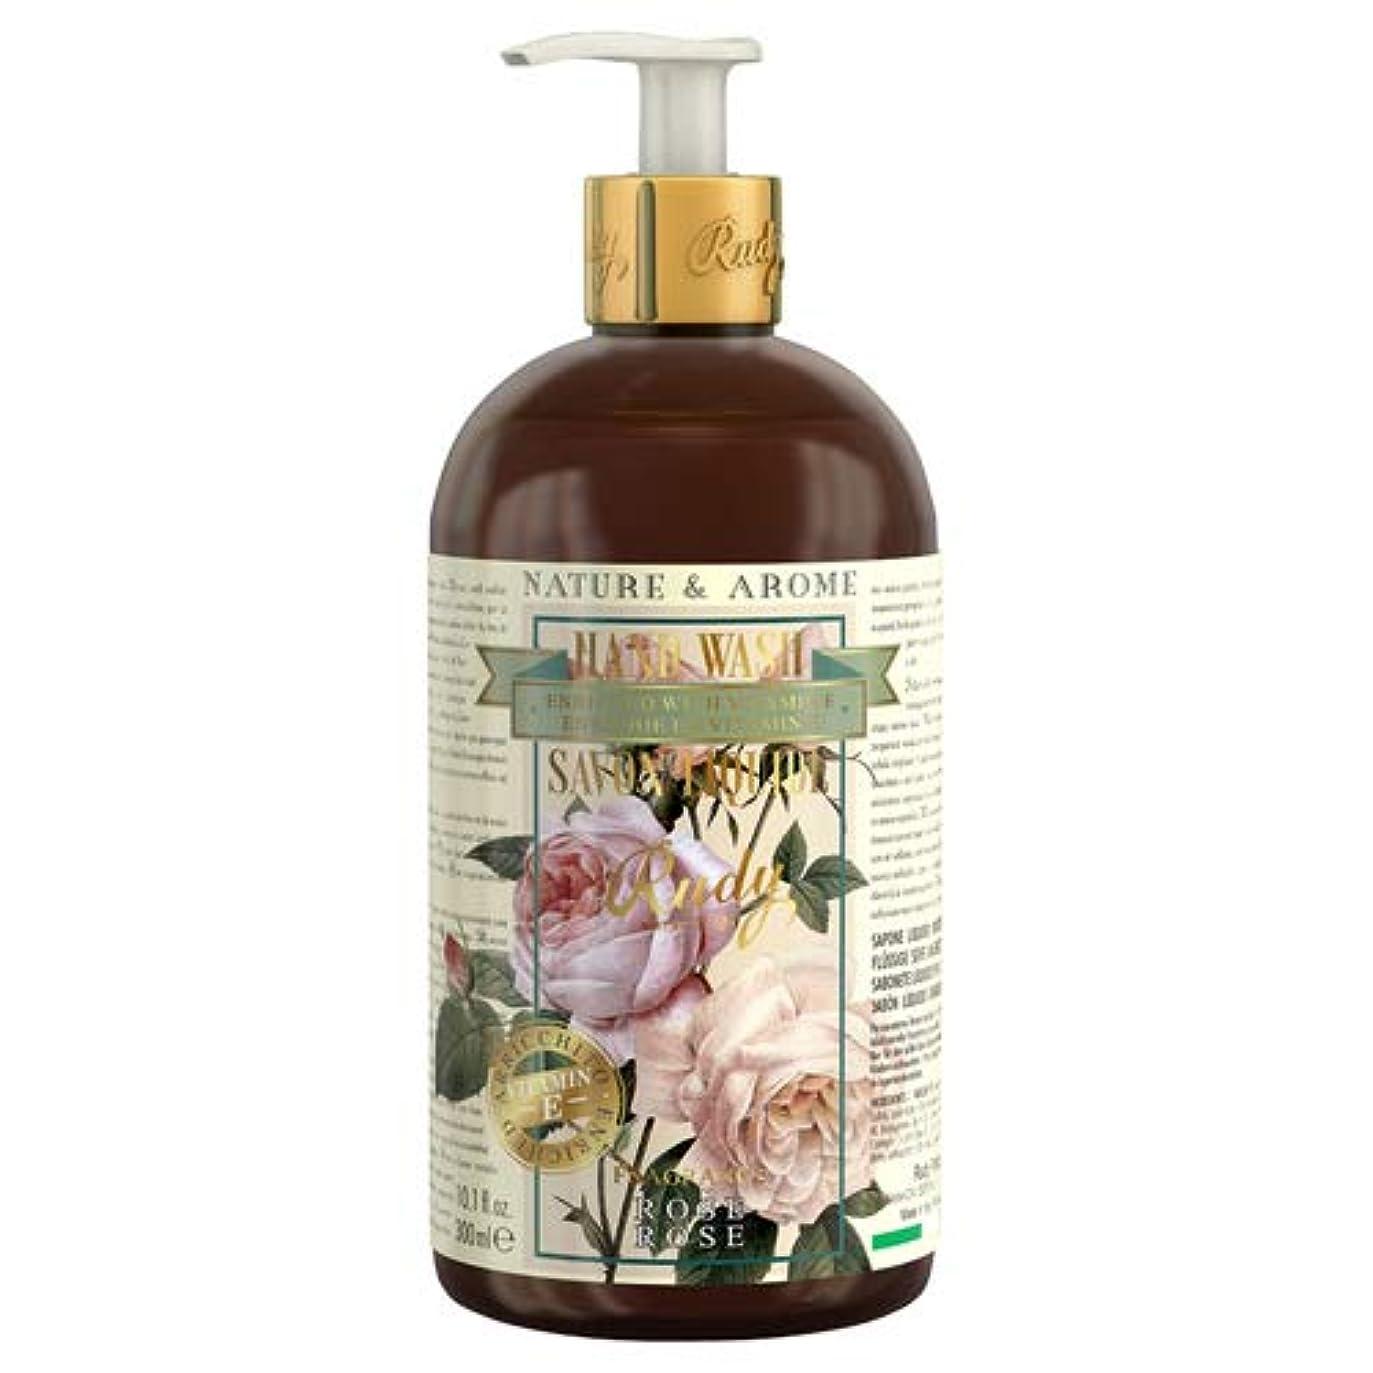 急襲消費する避けるRUDY Nature&Arome Apothecary ネイチャーアロマ アポセカリー Hand Wash ハンドウォッシュ(ボディソープ) Rose ローズ